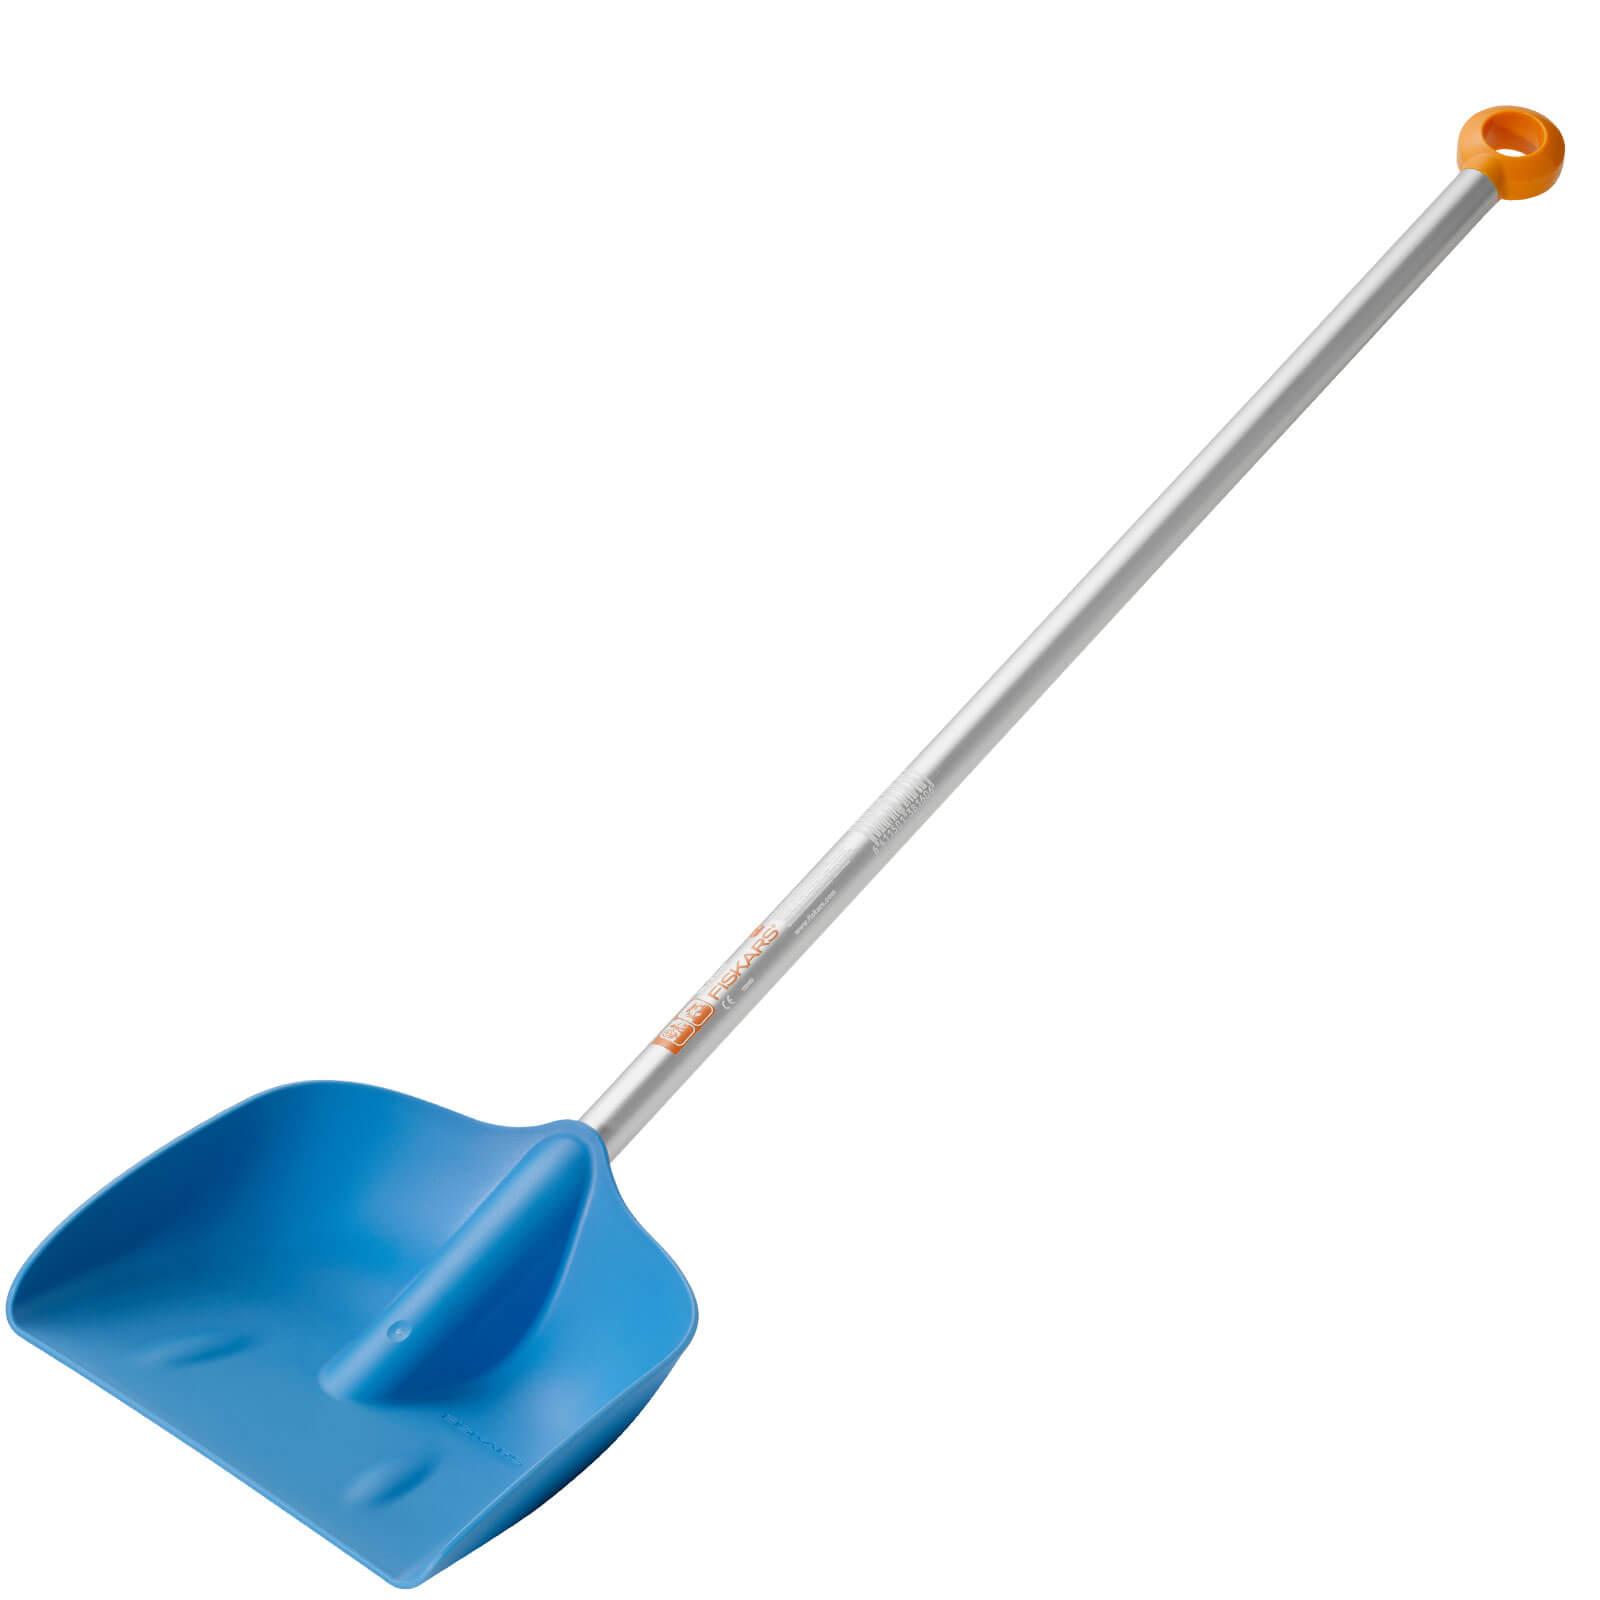 Image of Fiskars MyFirst Fiskars Shovel 0.88m